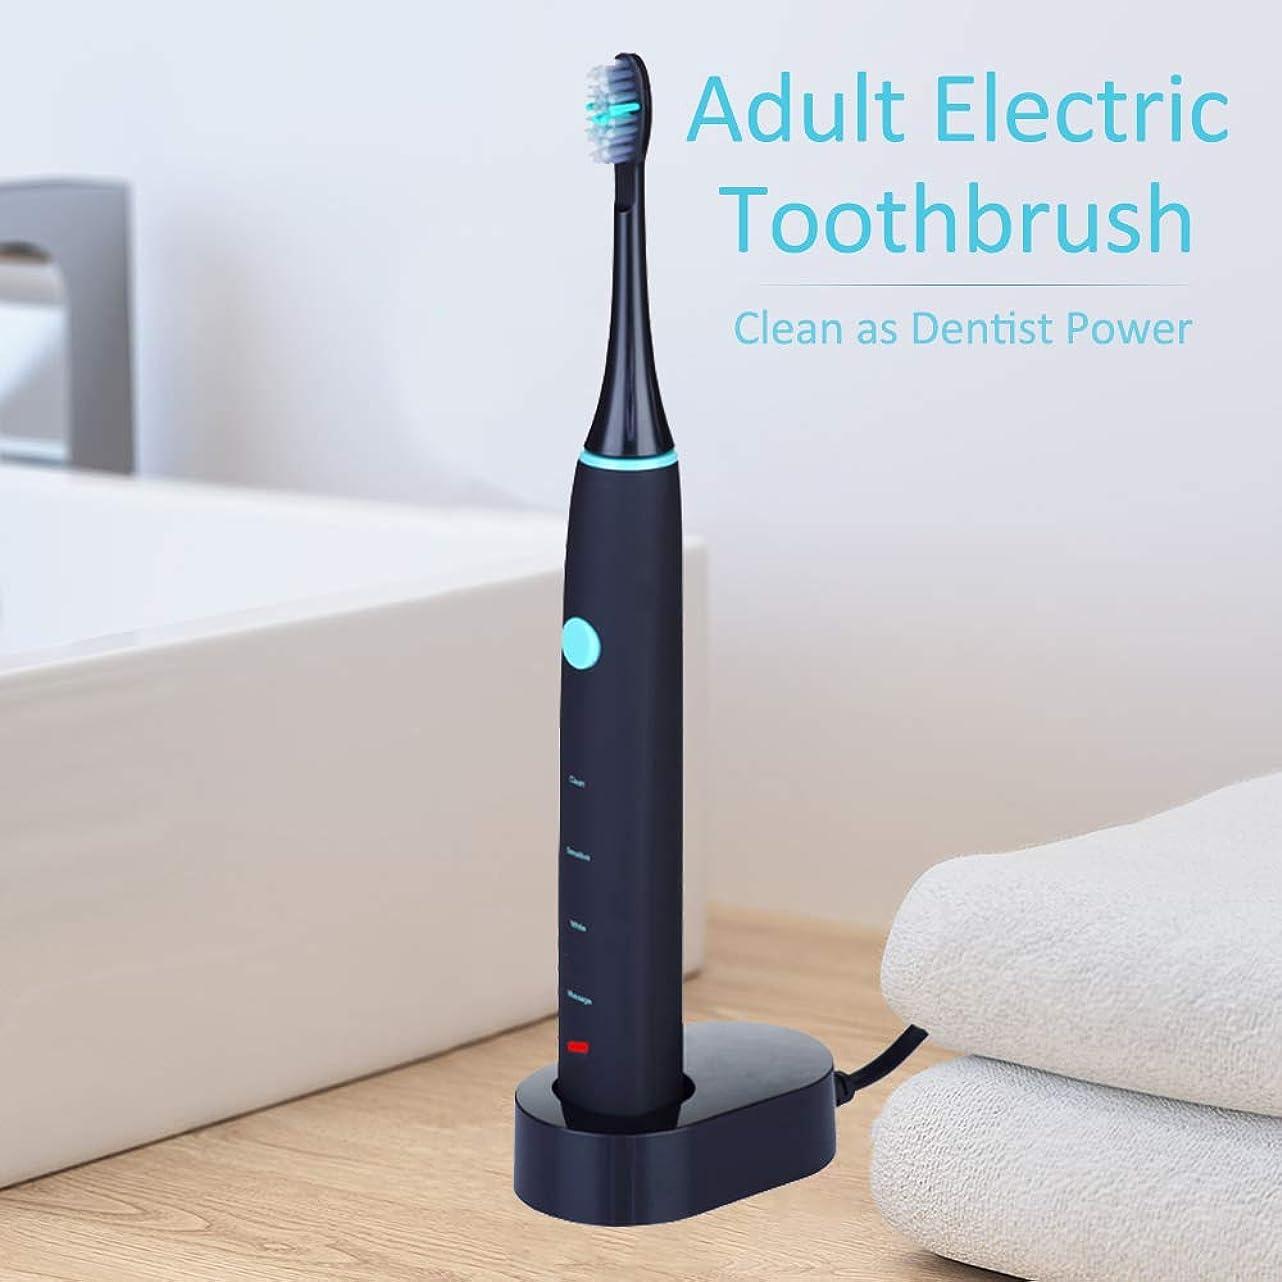 会員より平らなリングレットRakuby 家 旅行使用 2つブラシ 頭部付き 歯科医力 再充電 可能 防水 きれい 大人 電動歯ブラシ